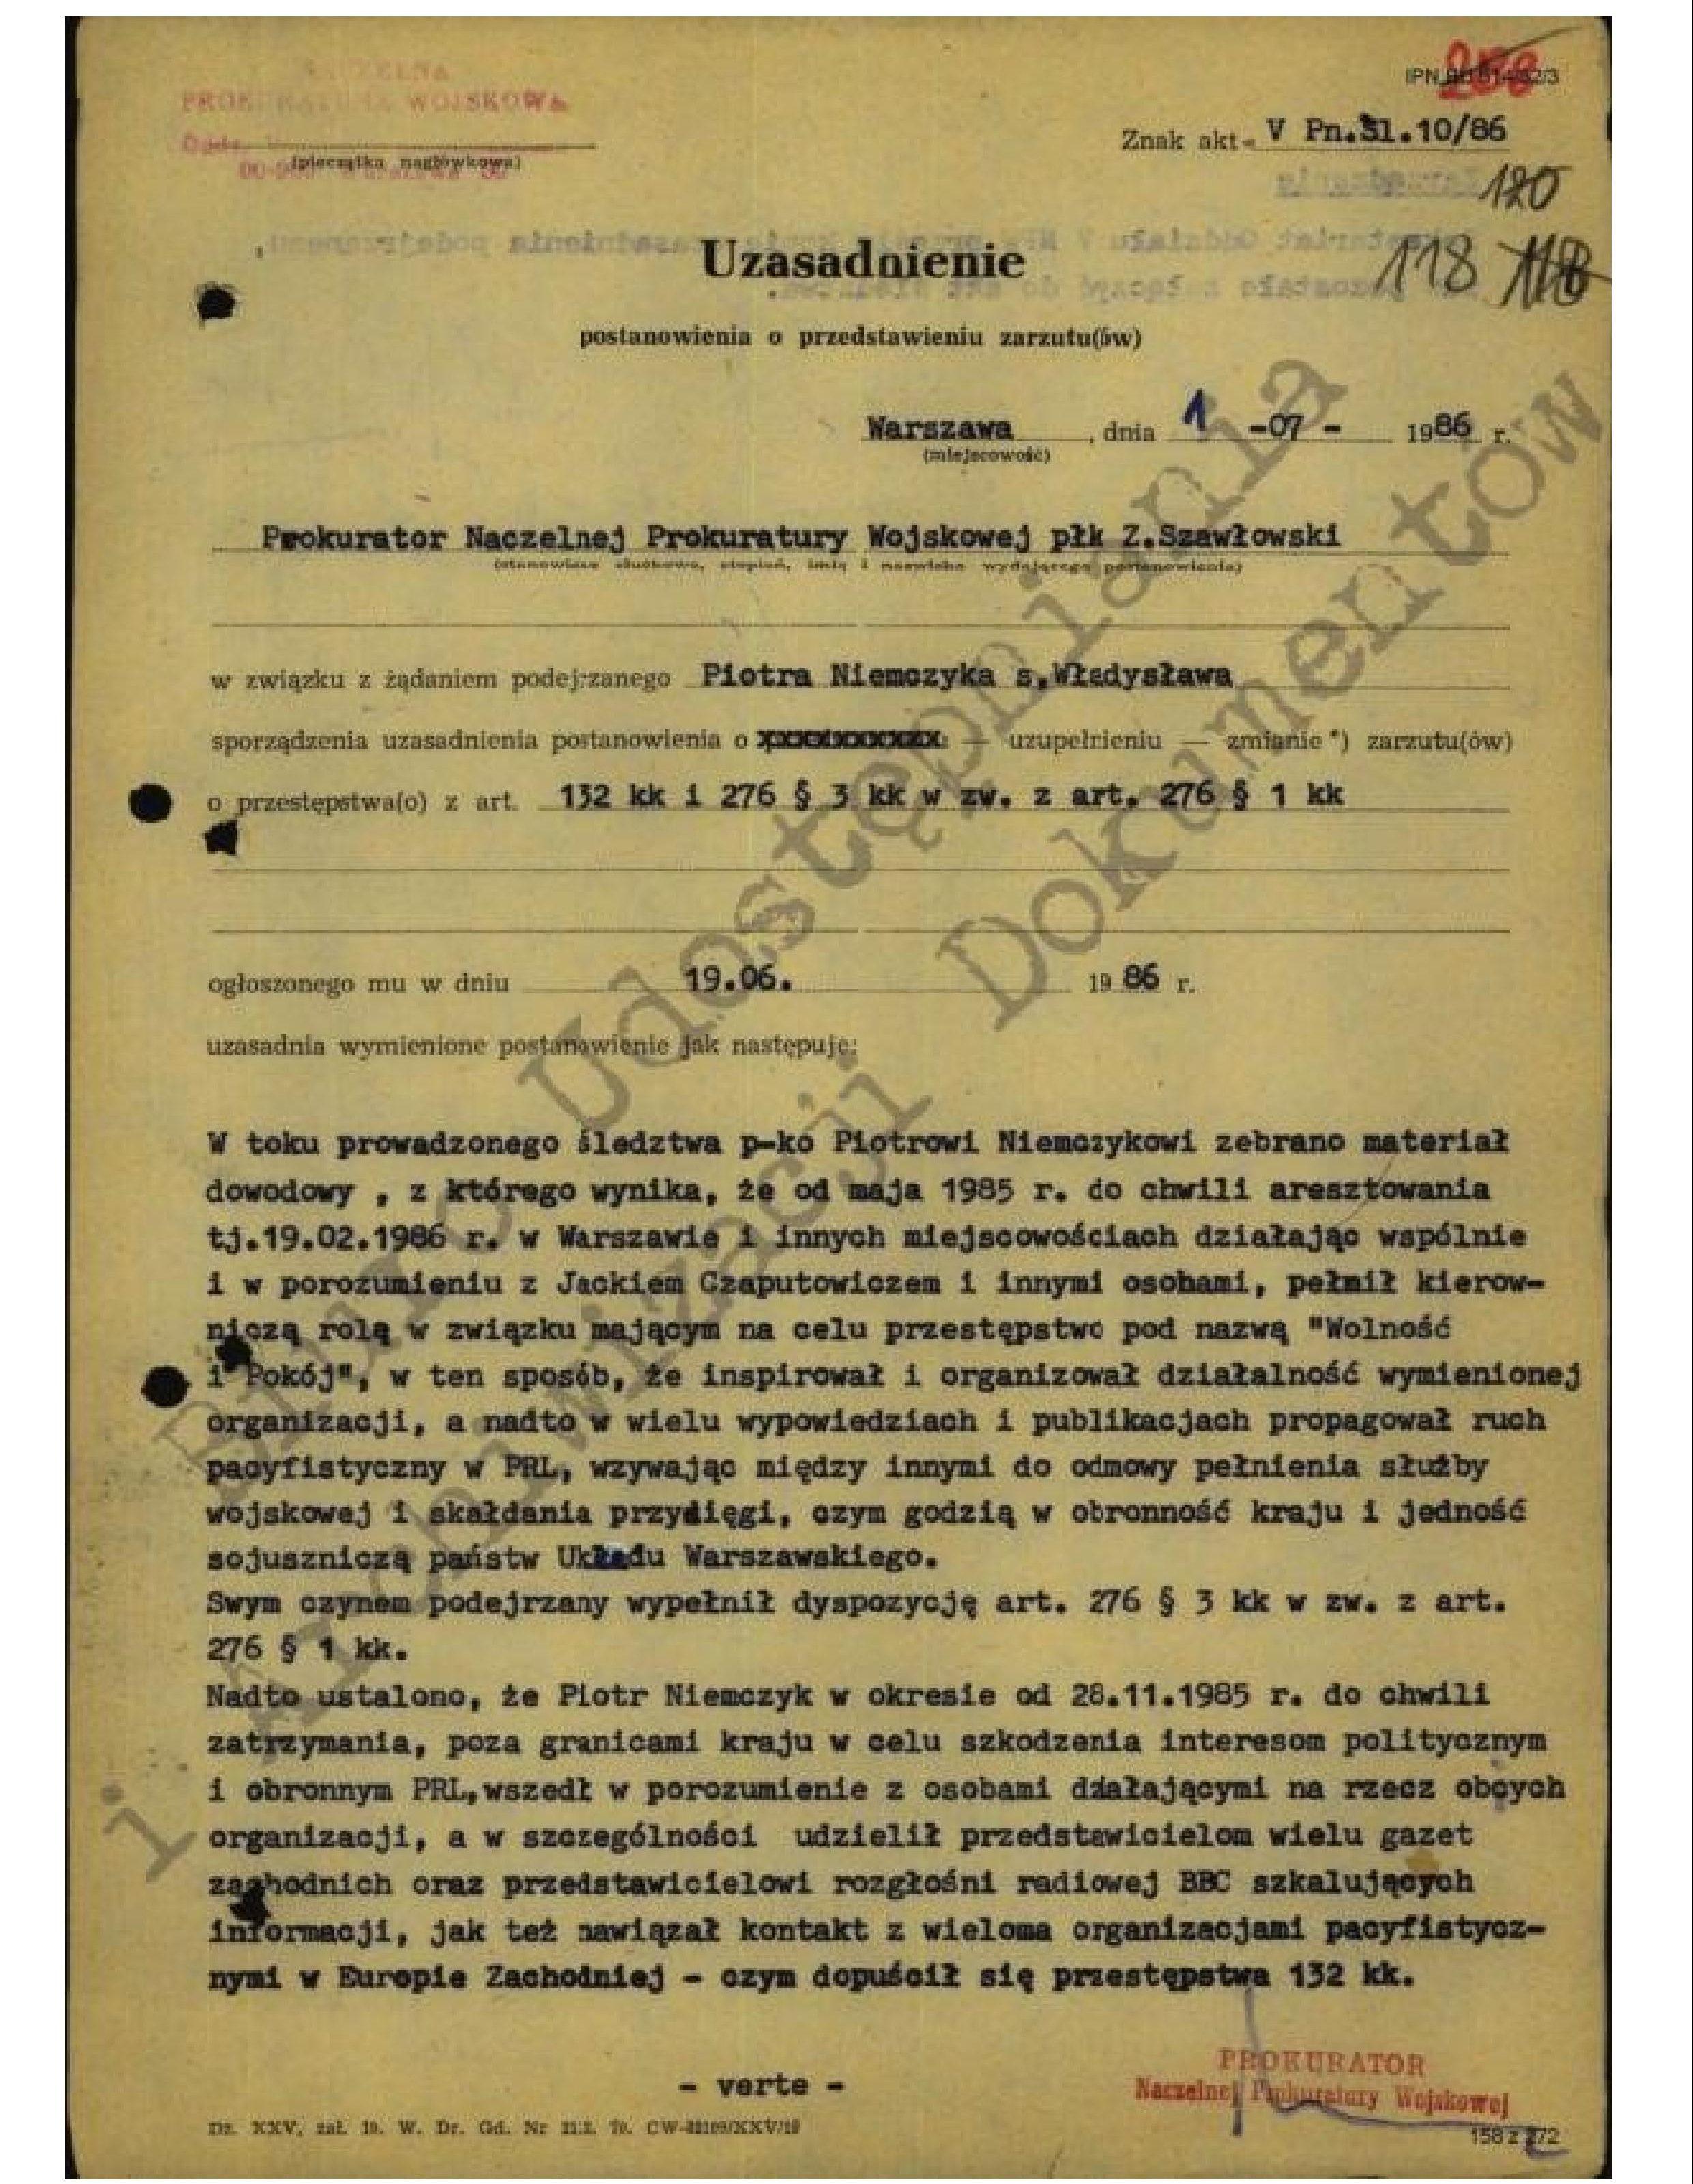 zarzuty-132-page-001